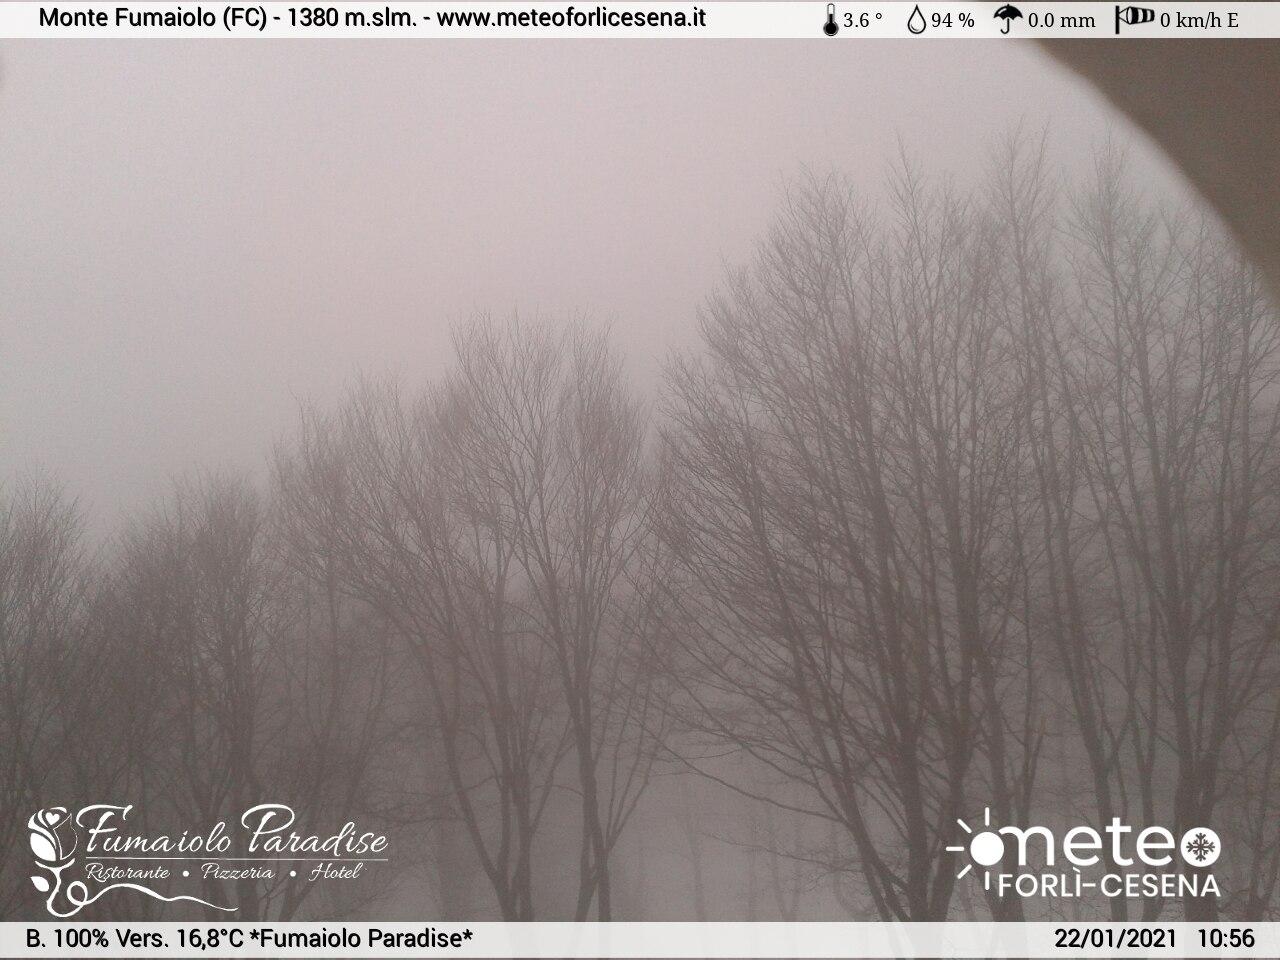 webcam monte Fumaiolo - rifugio Biancaneve